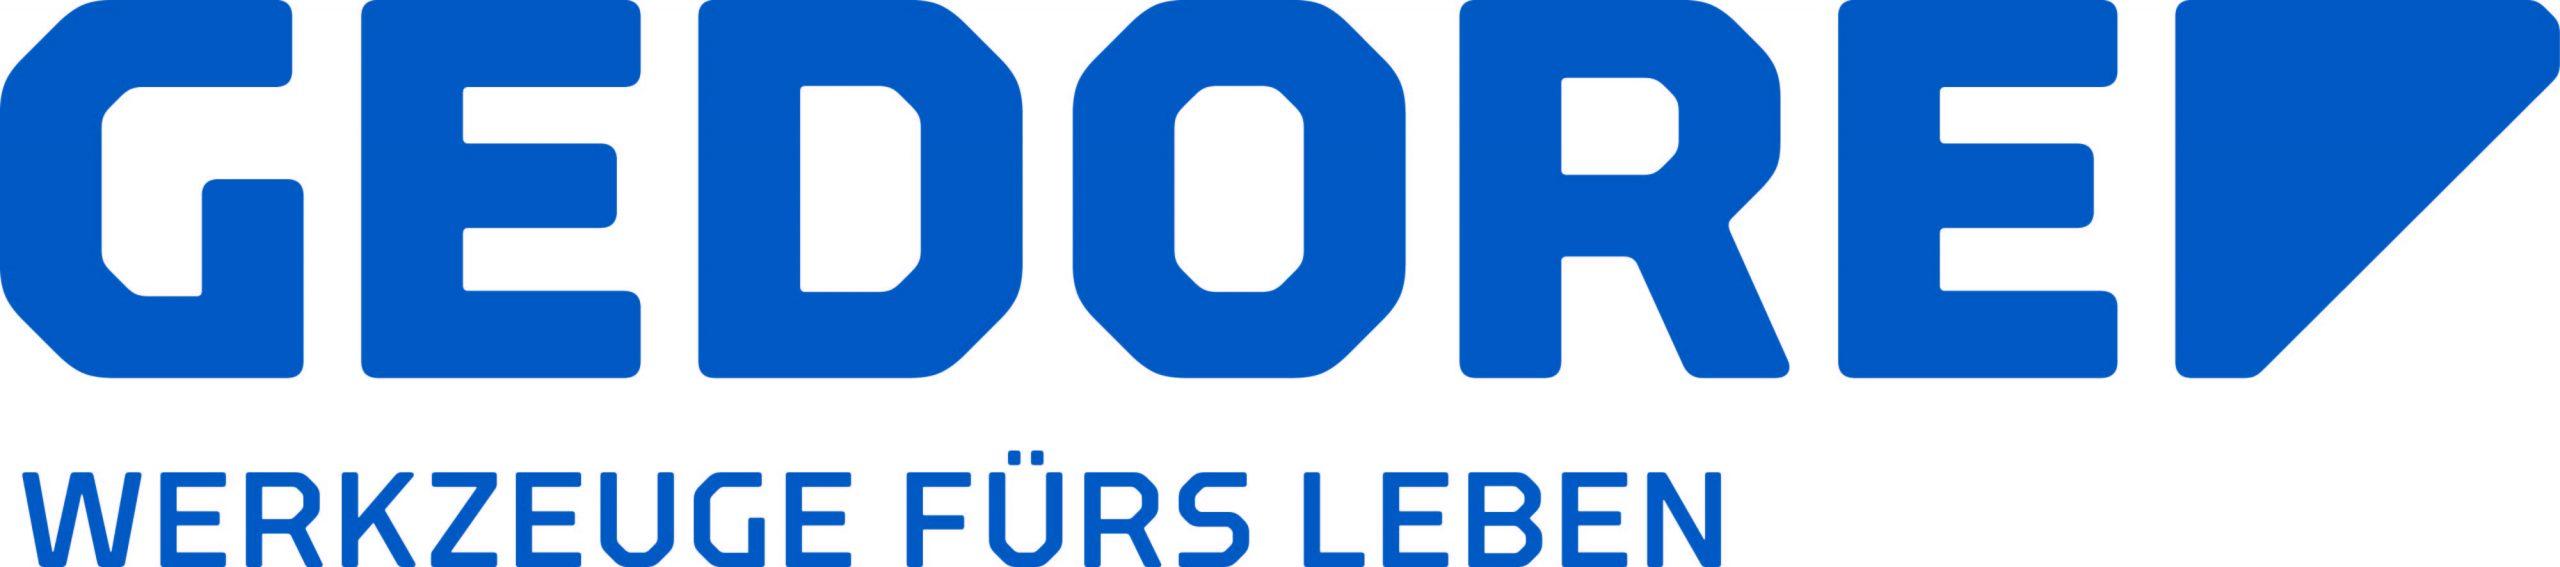 Logo_GEDORE_DE_CMYK_Blue